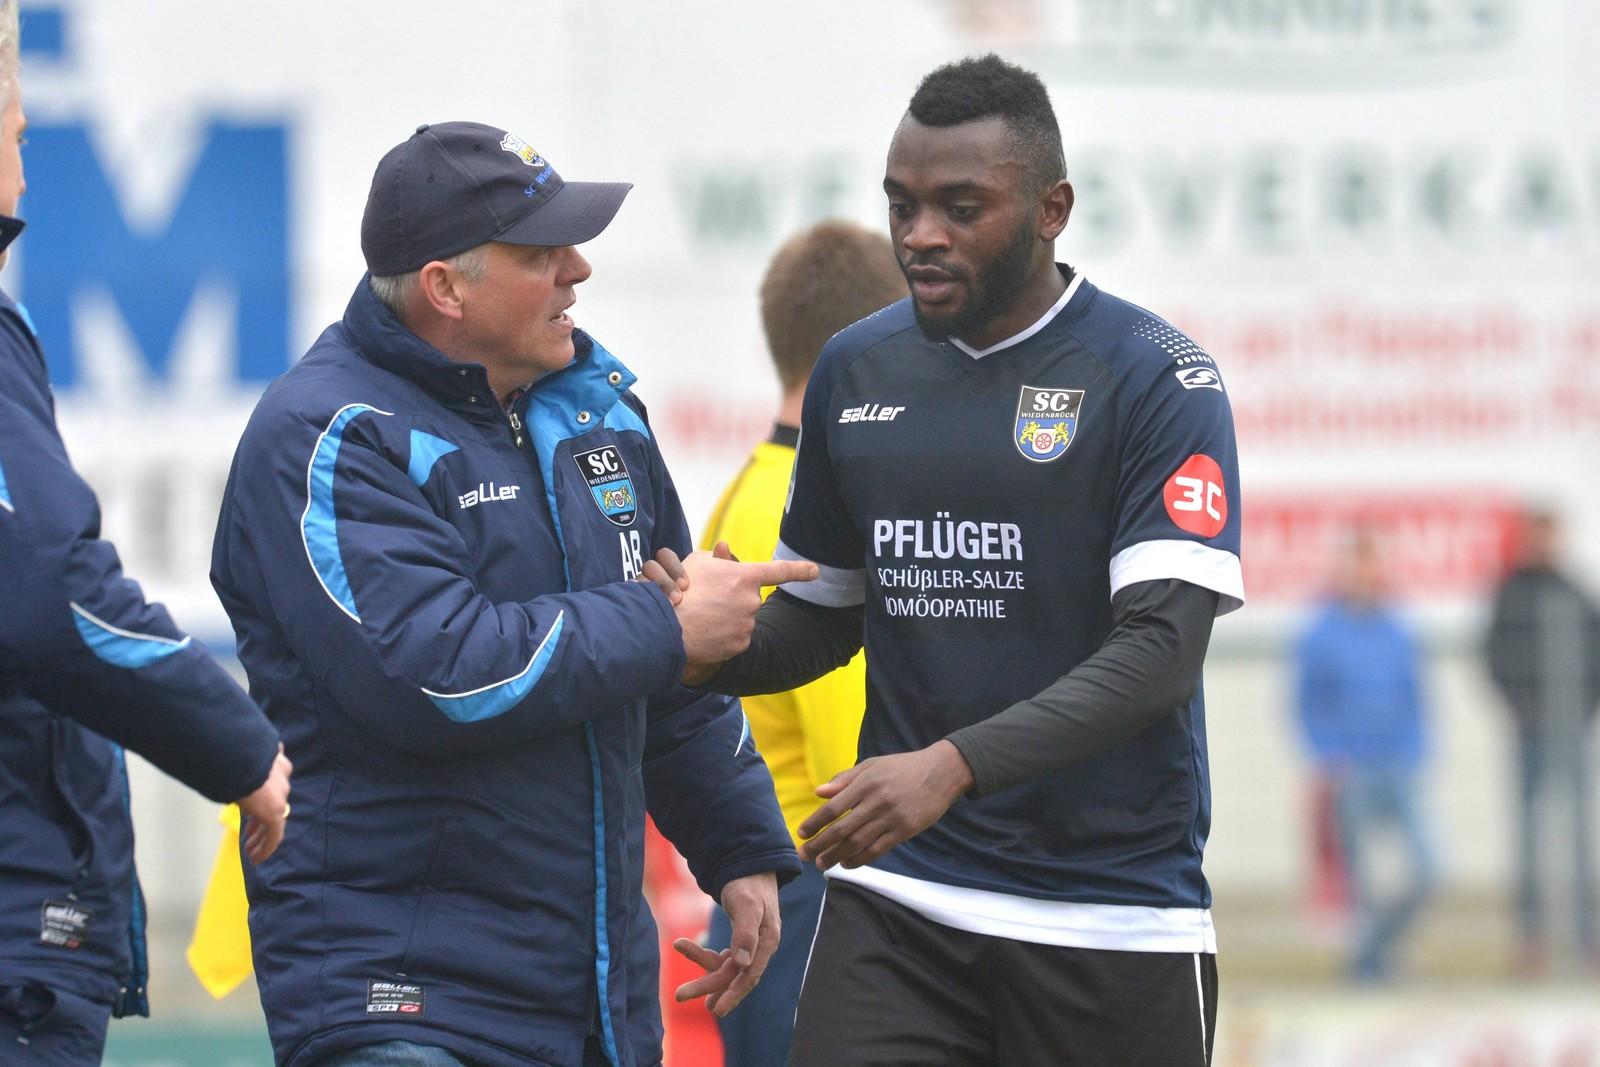 In 66 Einsätzen für Wiederbrück erzielte Paterson Chato acht Tore und bereitete zwei weitere vor.